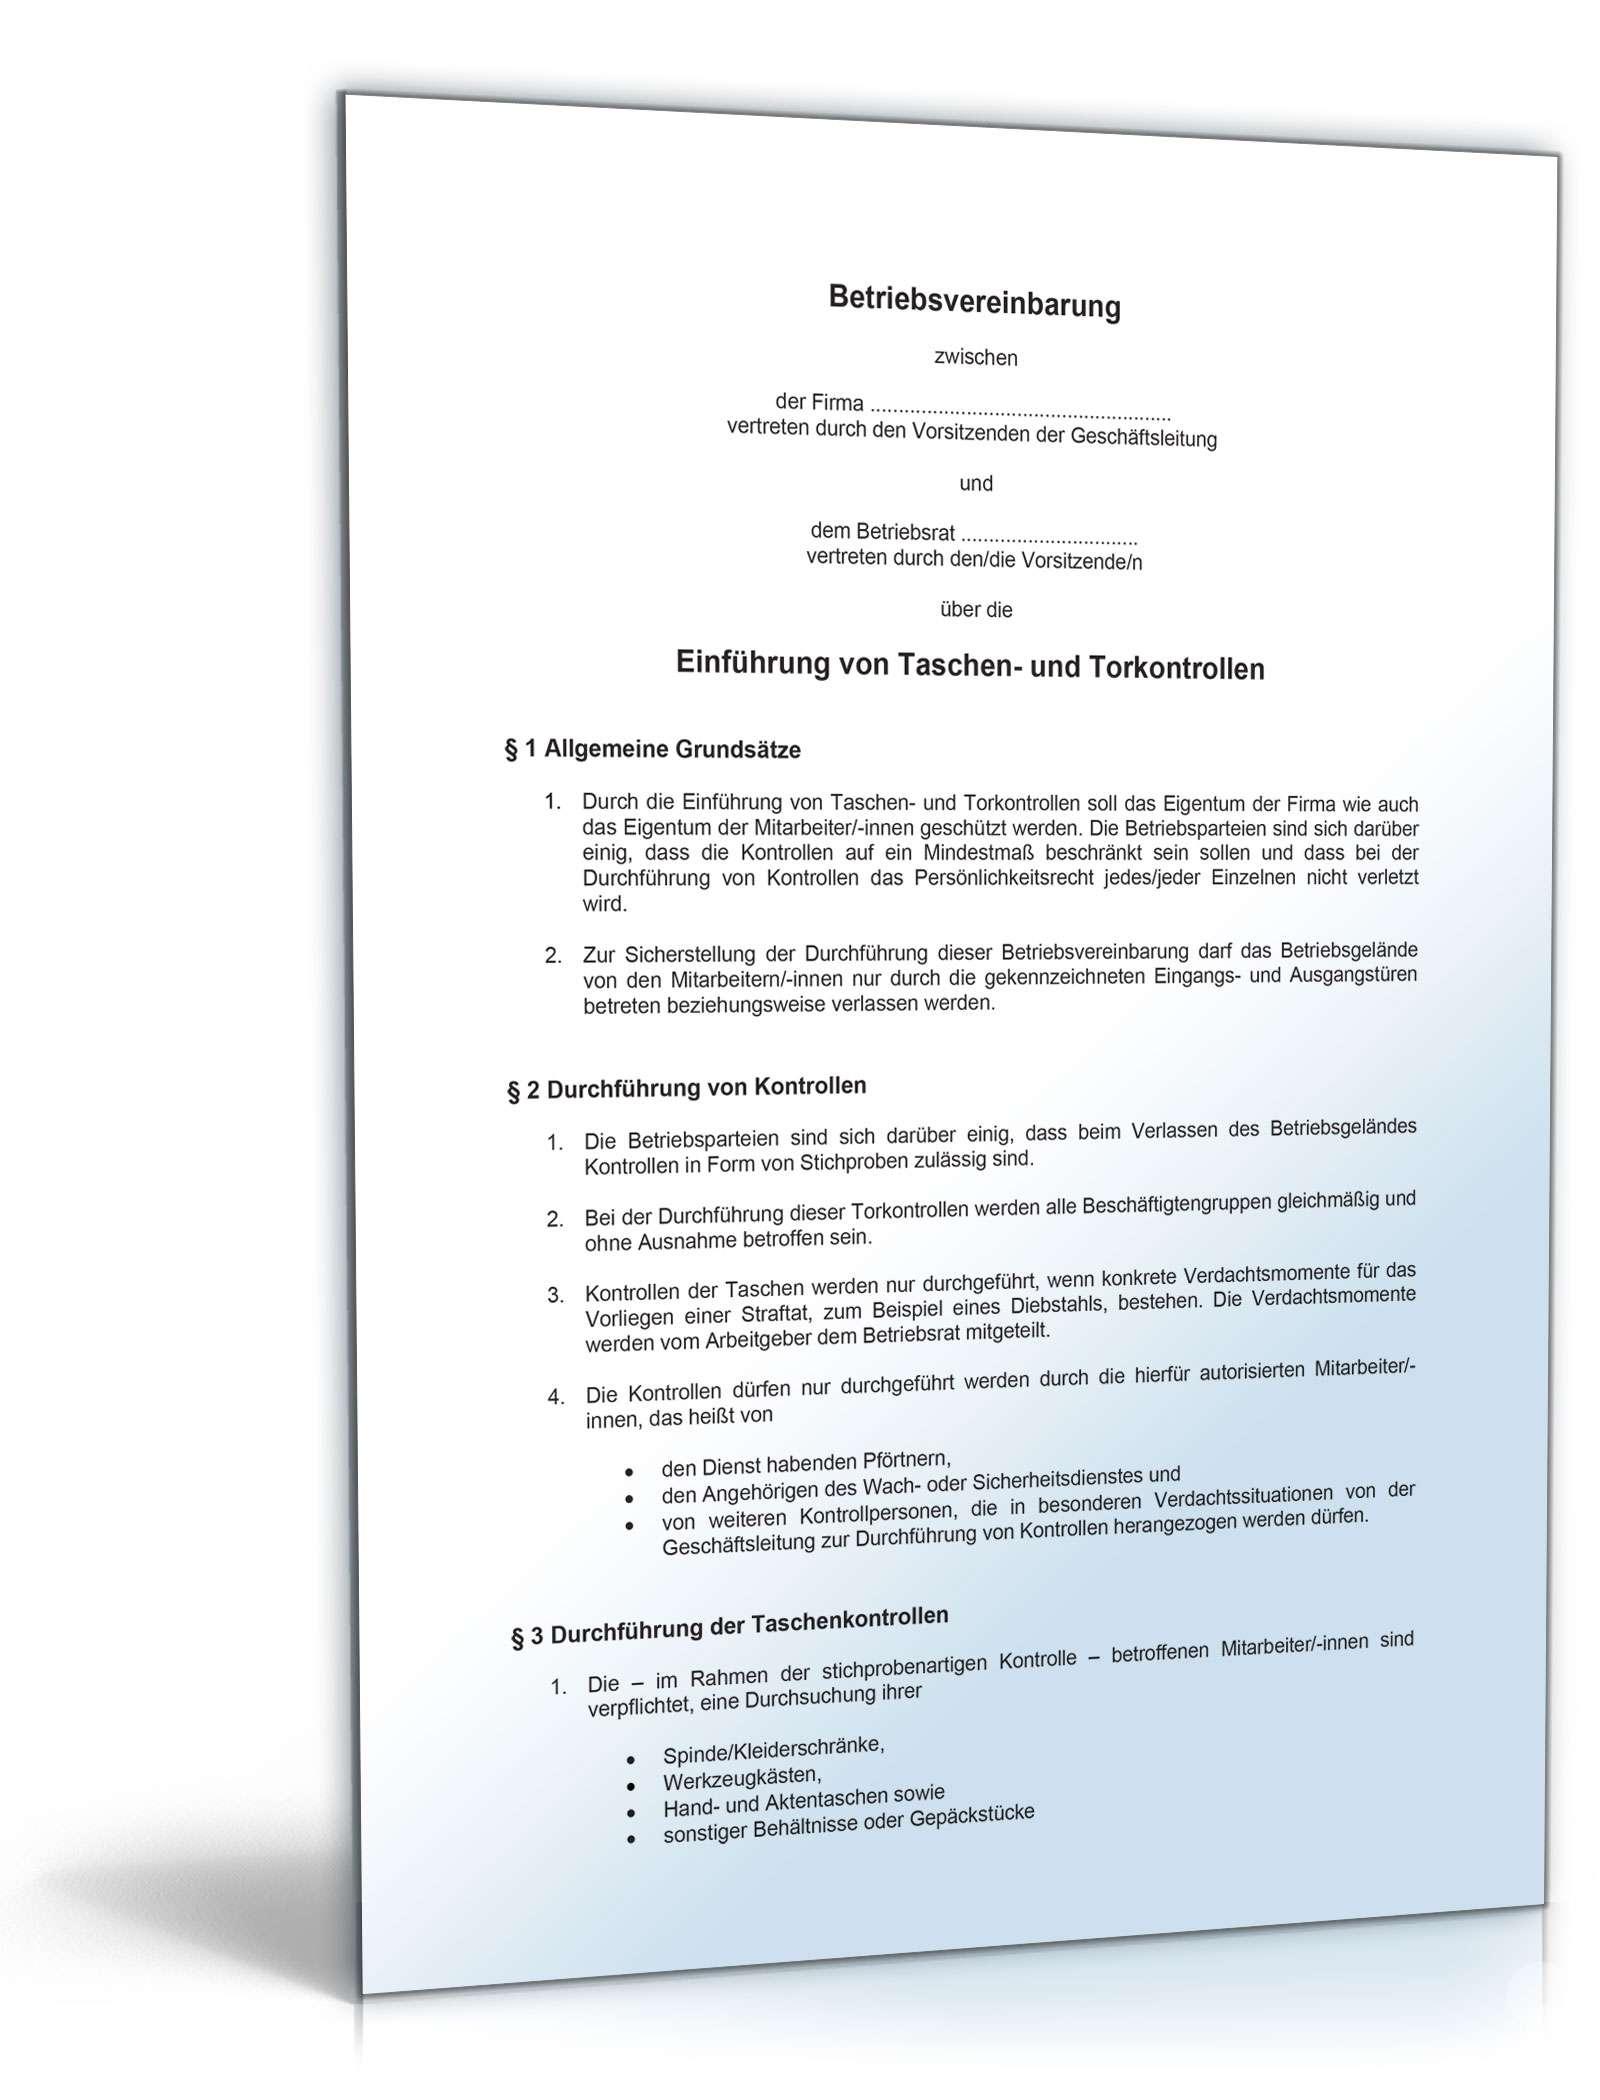 Betriebsvereinbarung Taschen Und Torkontrolle Muster Vorlage Zum